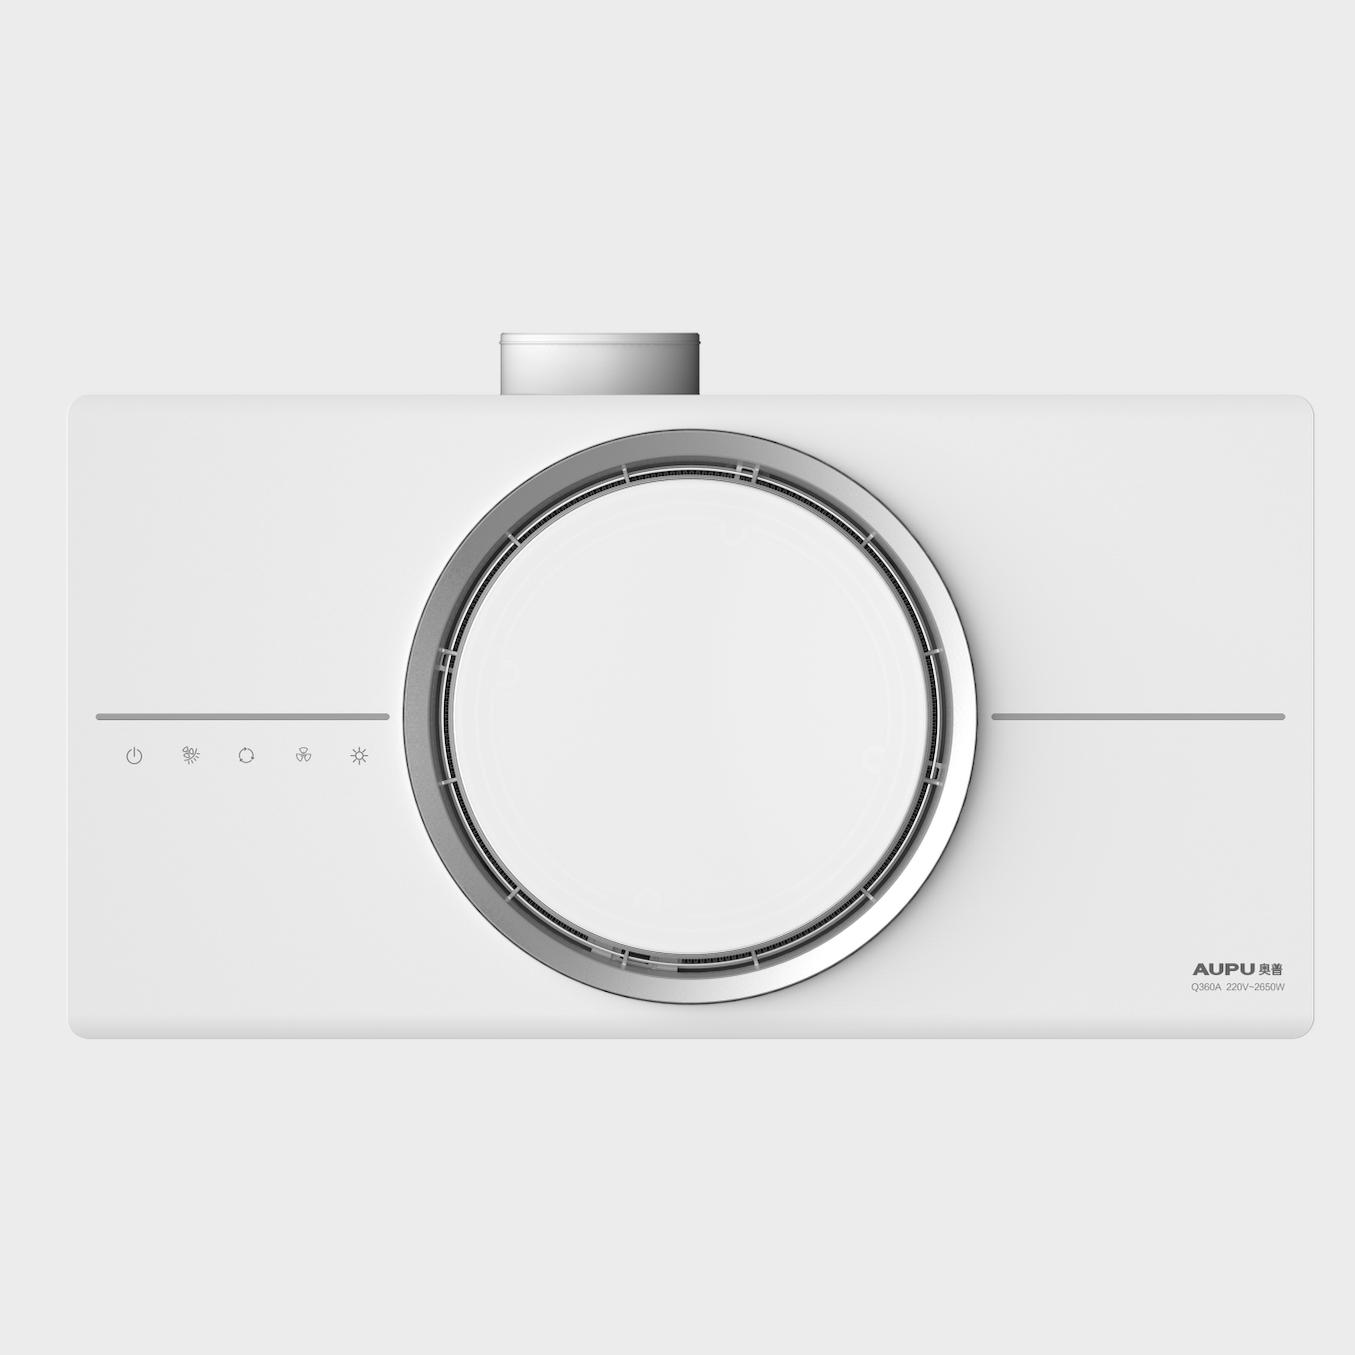 新品发售 : AUPU 奥普 Q360A 热能环浴霸